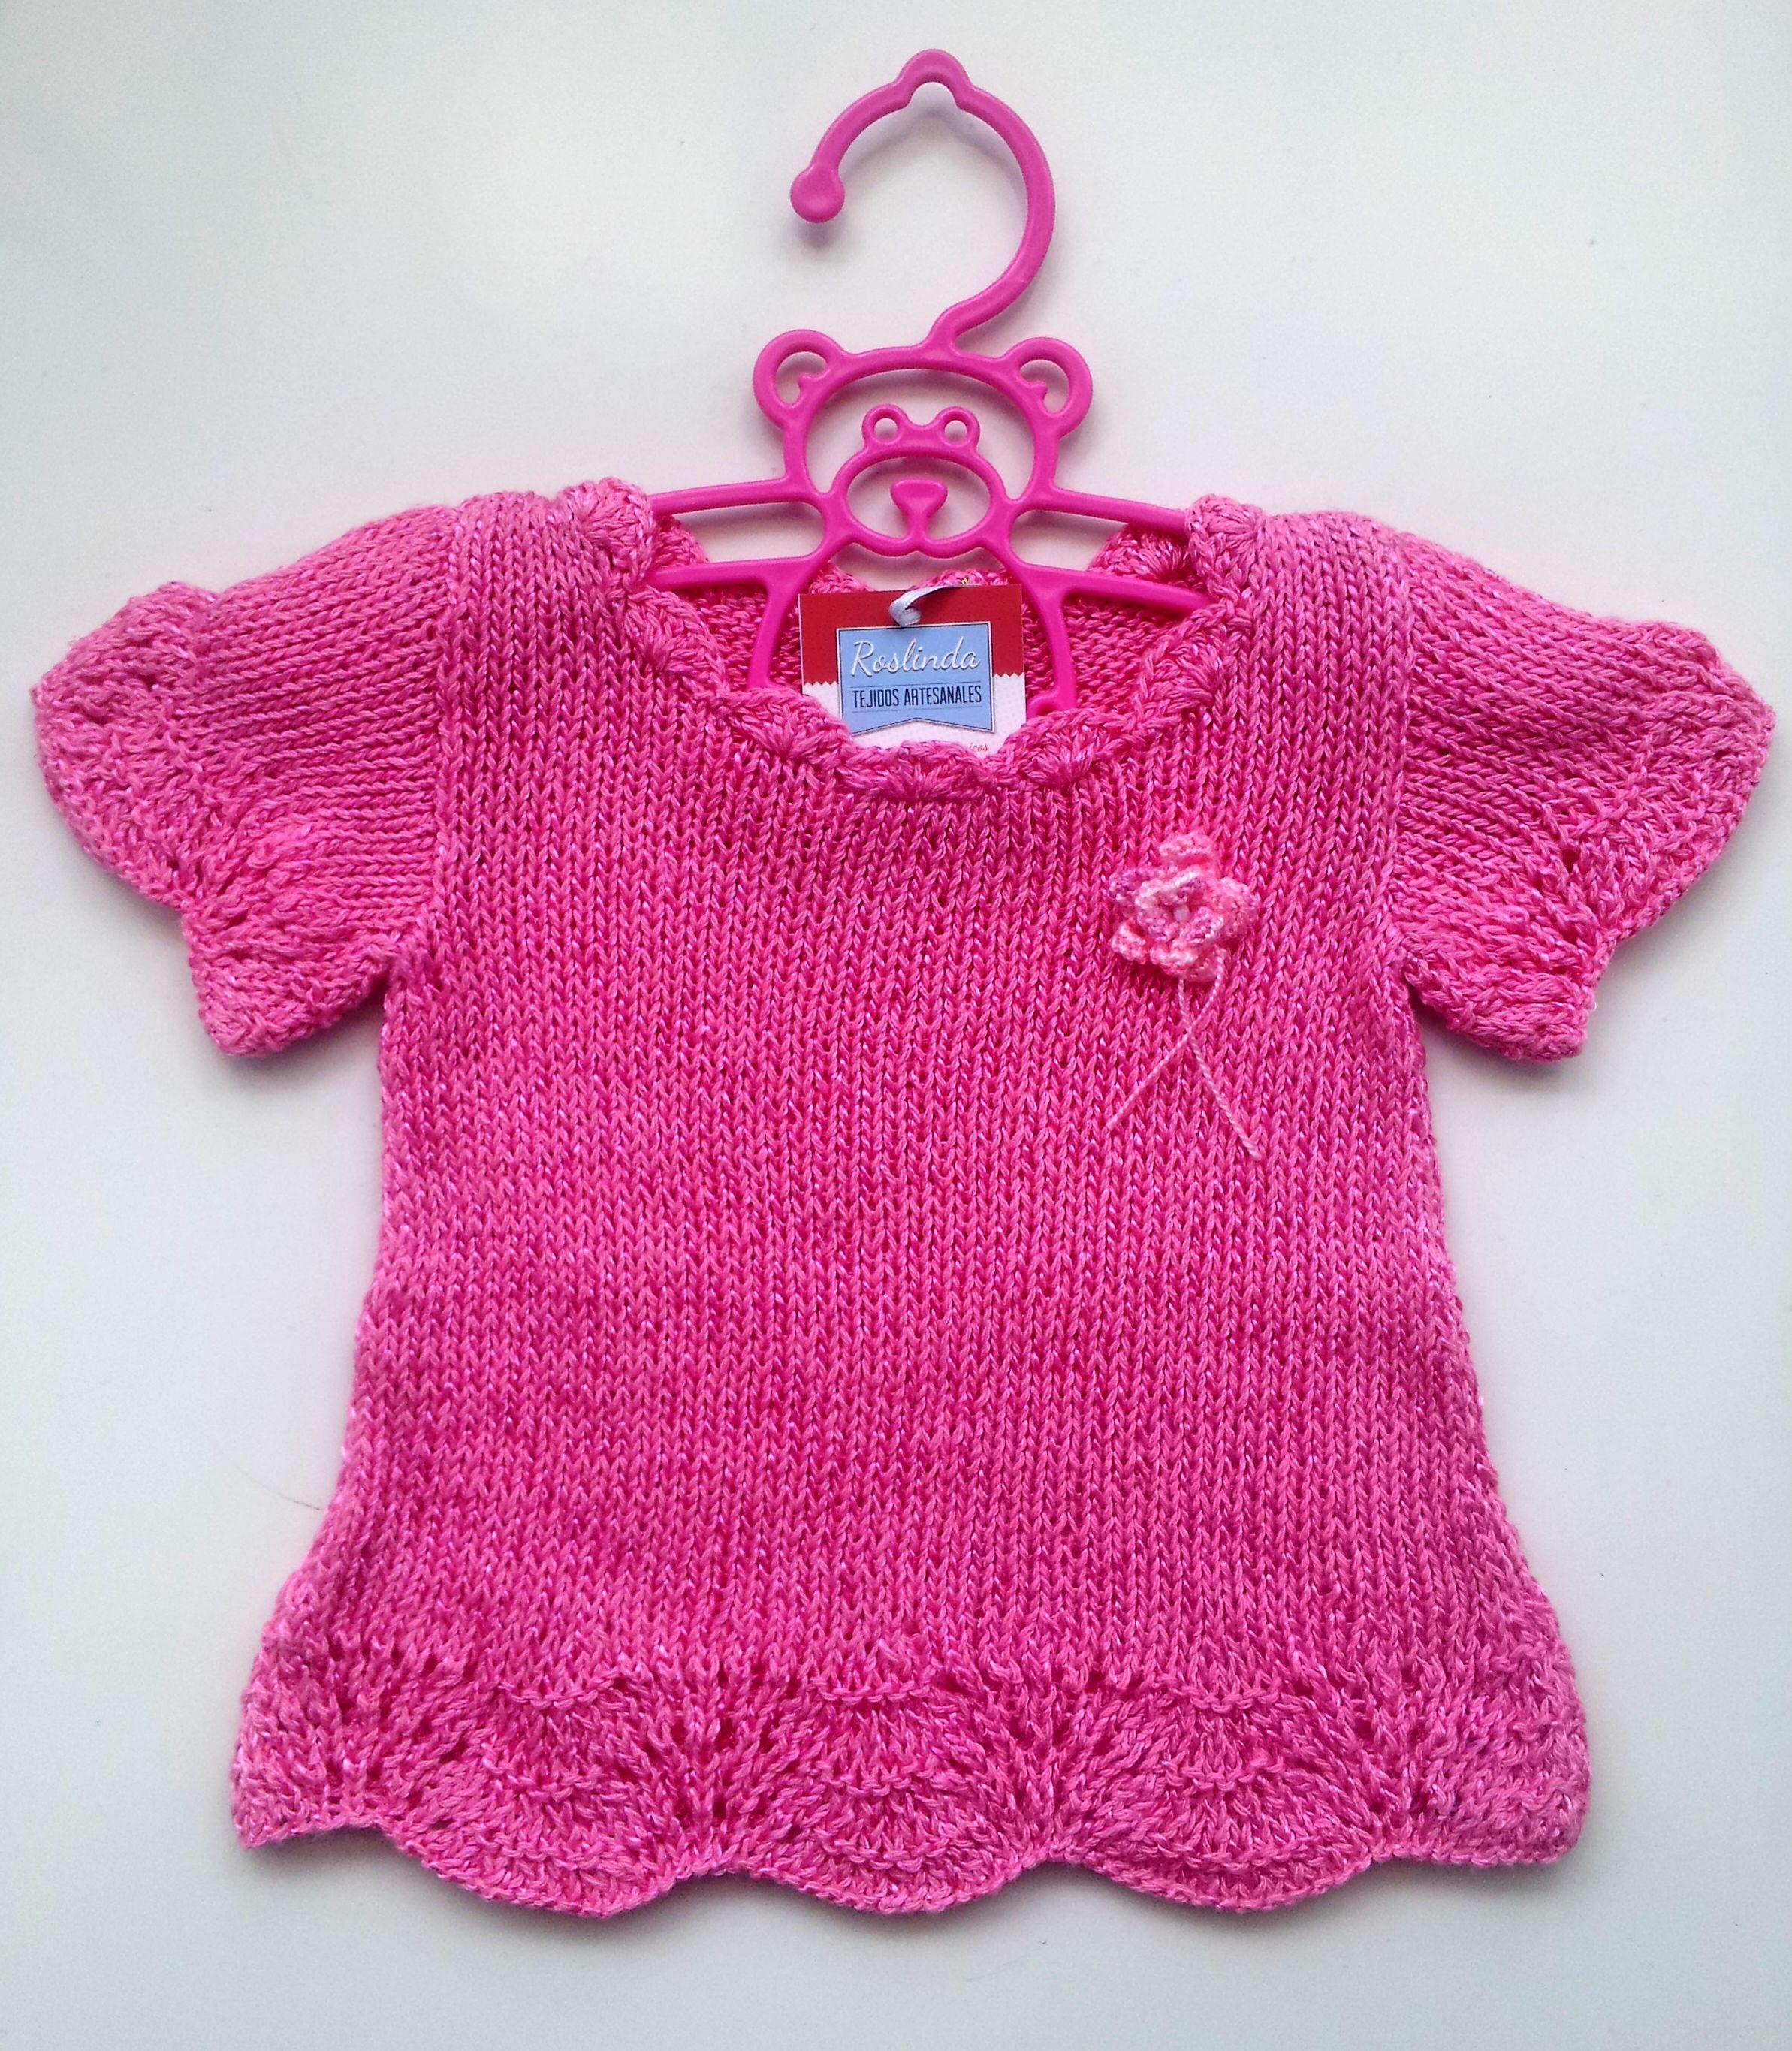 d88b22fcc Remera para nena, tejida a dos agujas, con borde de ondas y flor tejida al  tono